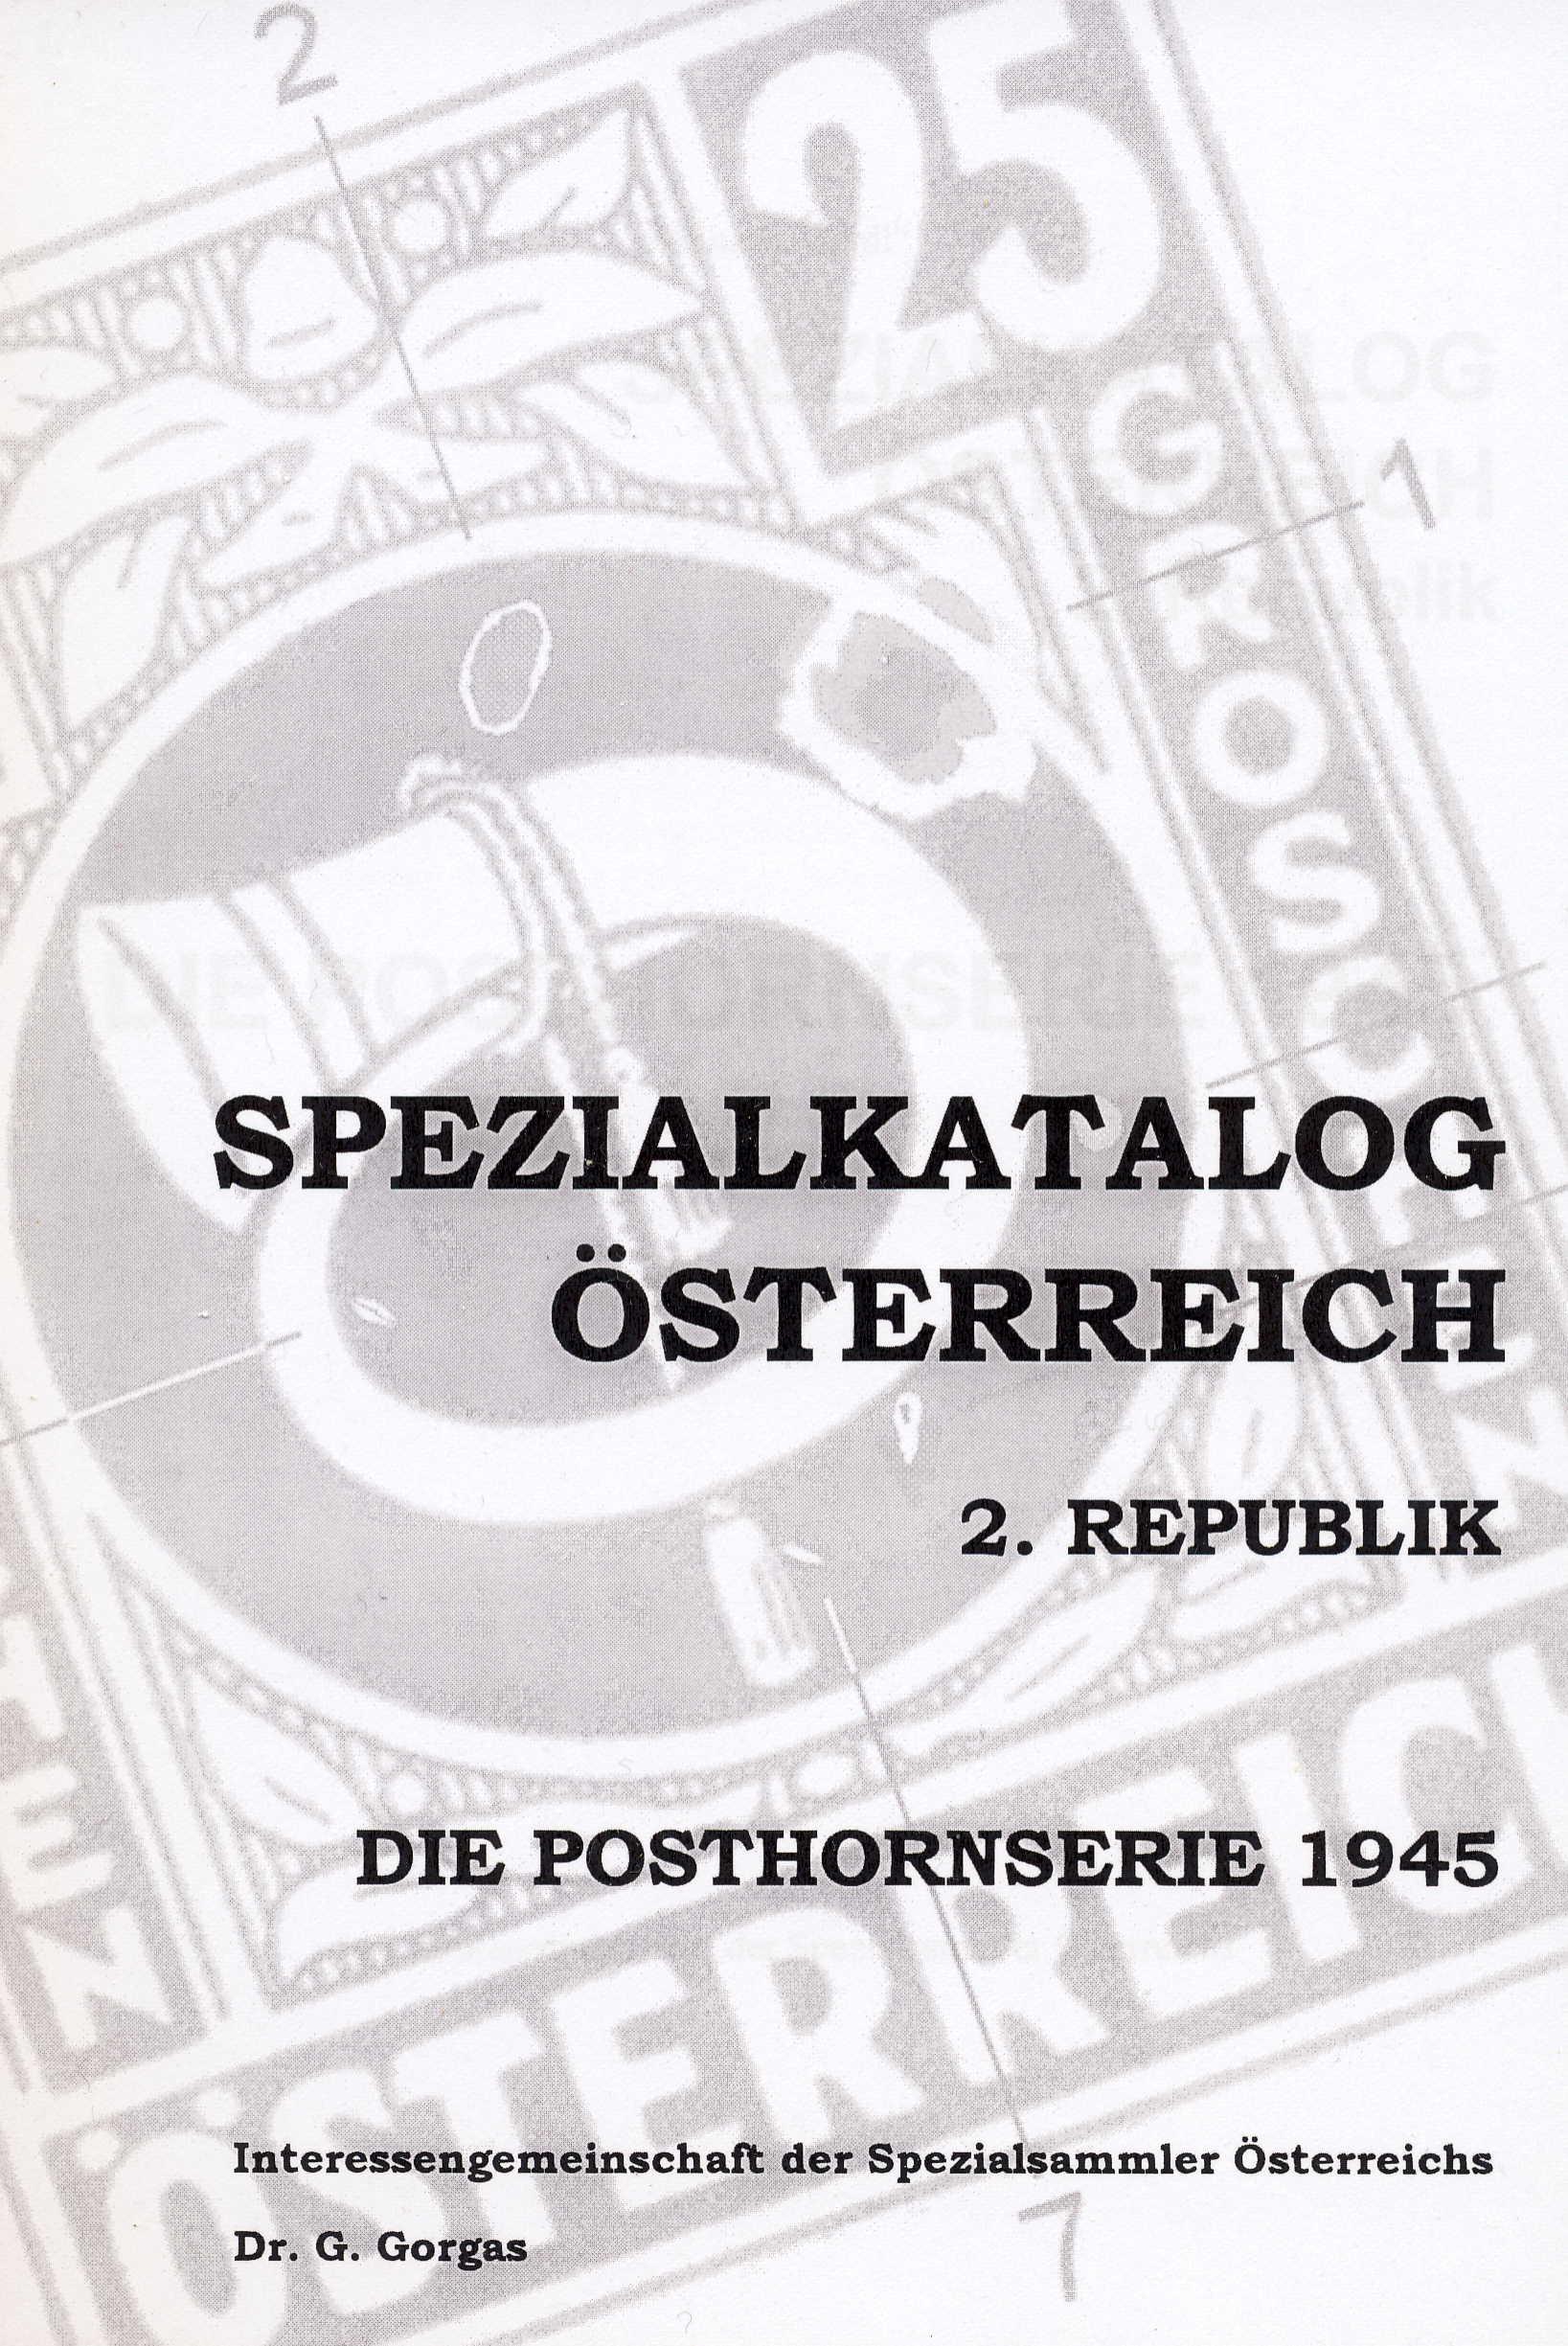 GINDL-Plattenfehler-Spezialkatalog ÖSTERREICH 2. Republik Die Po